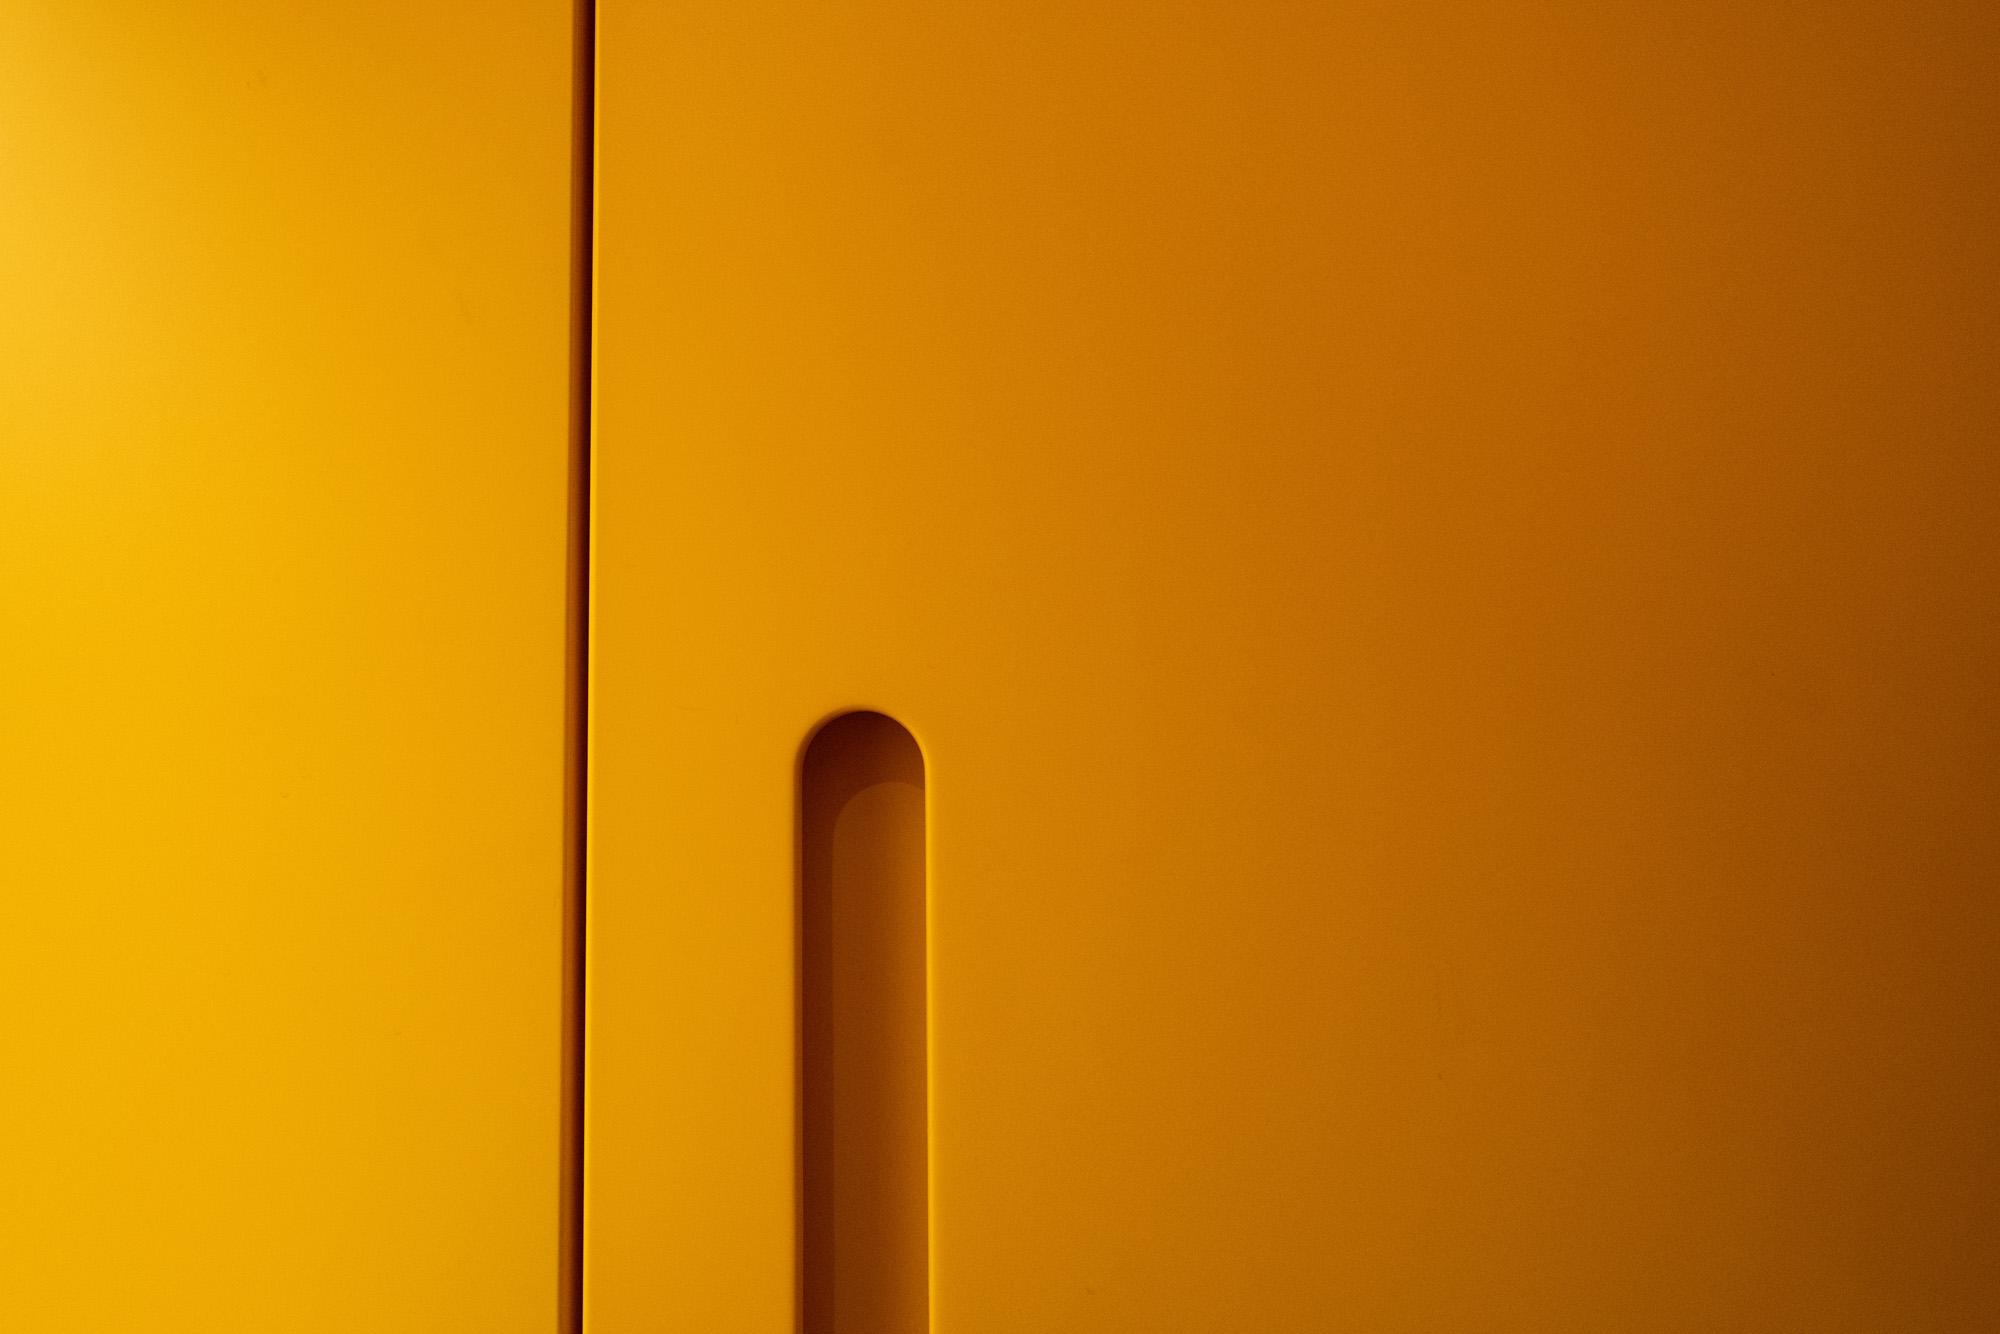 SEBASTIAN ZENKER INTERIOR DESIGN - LAUNDRY ROOM  9.jpg